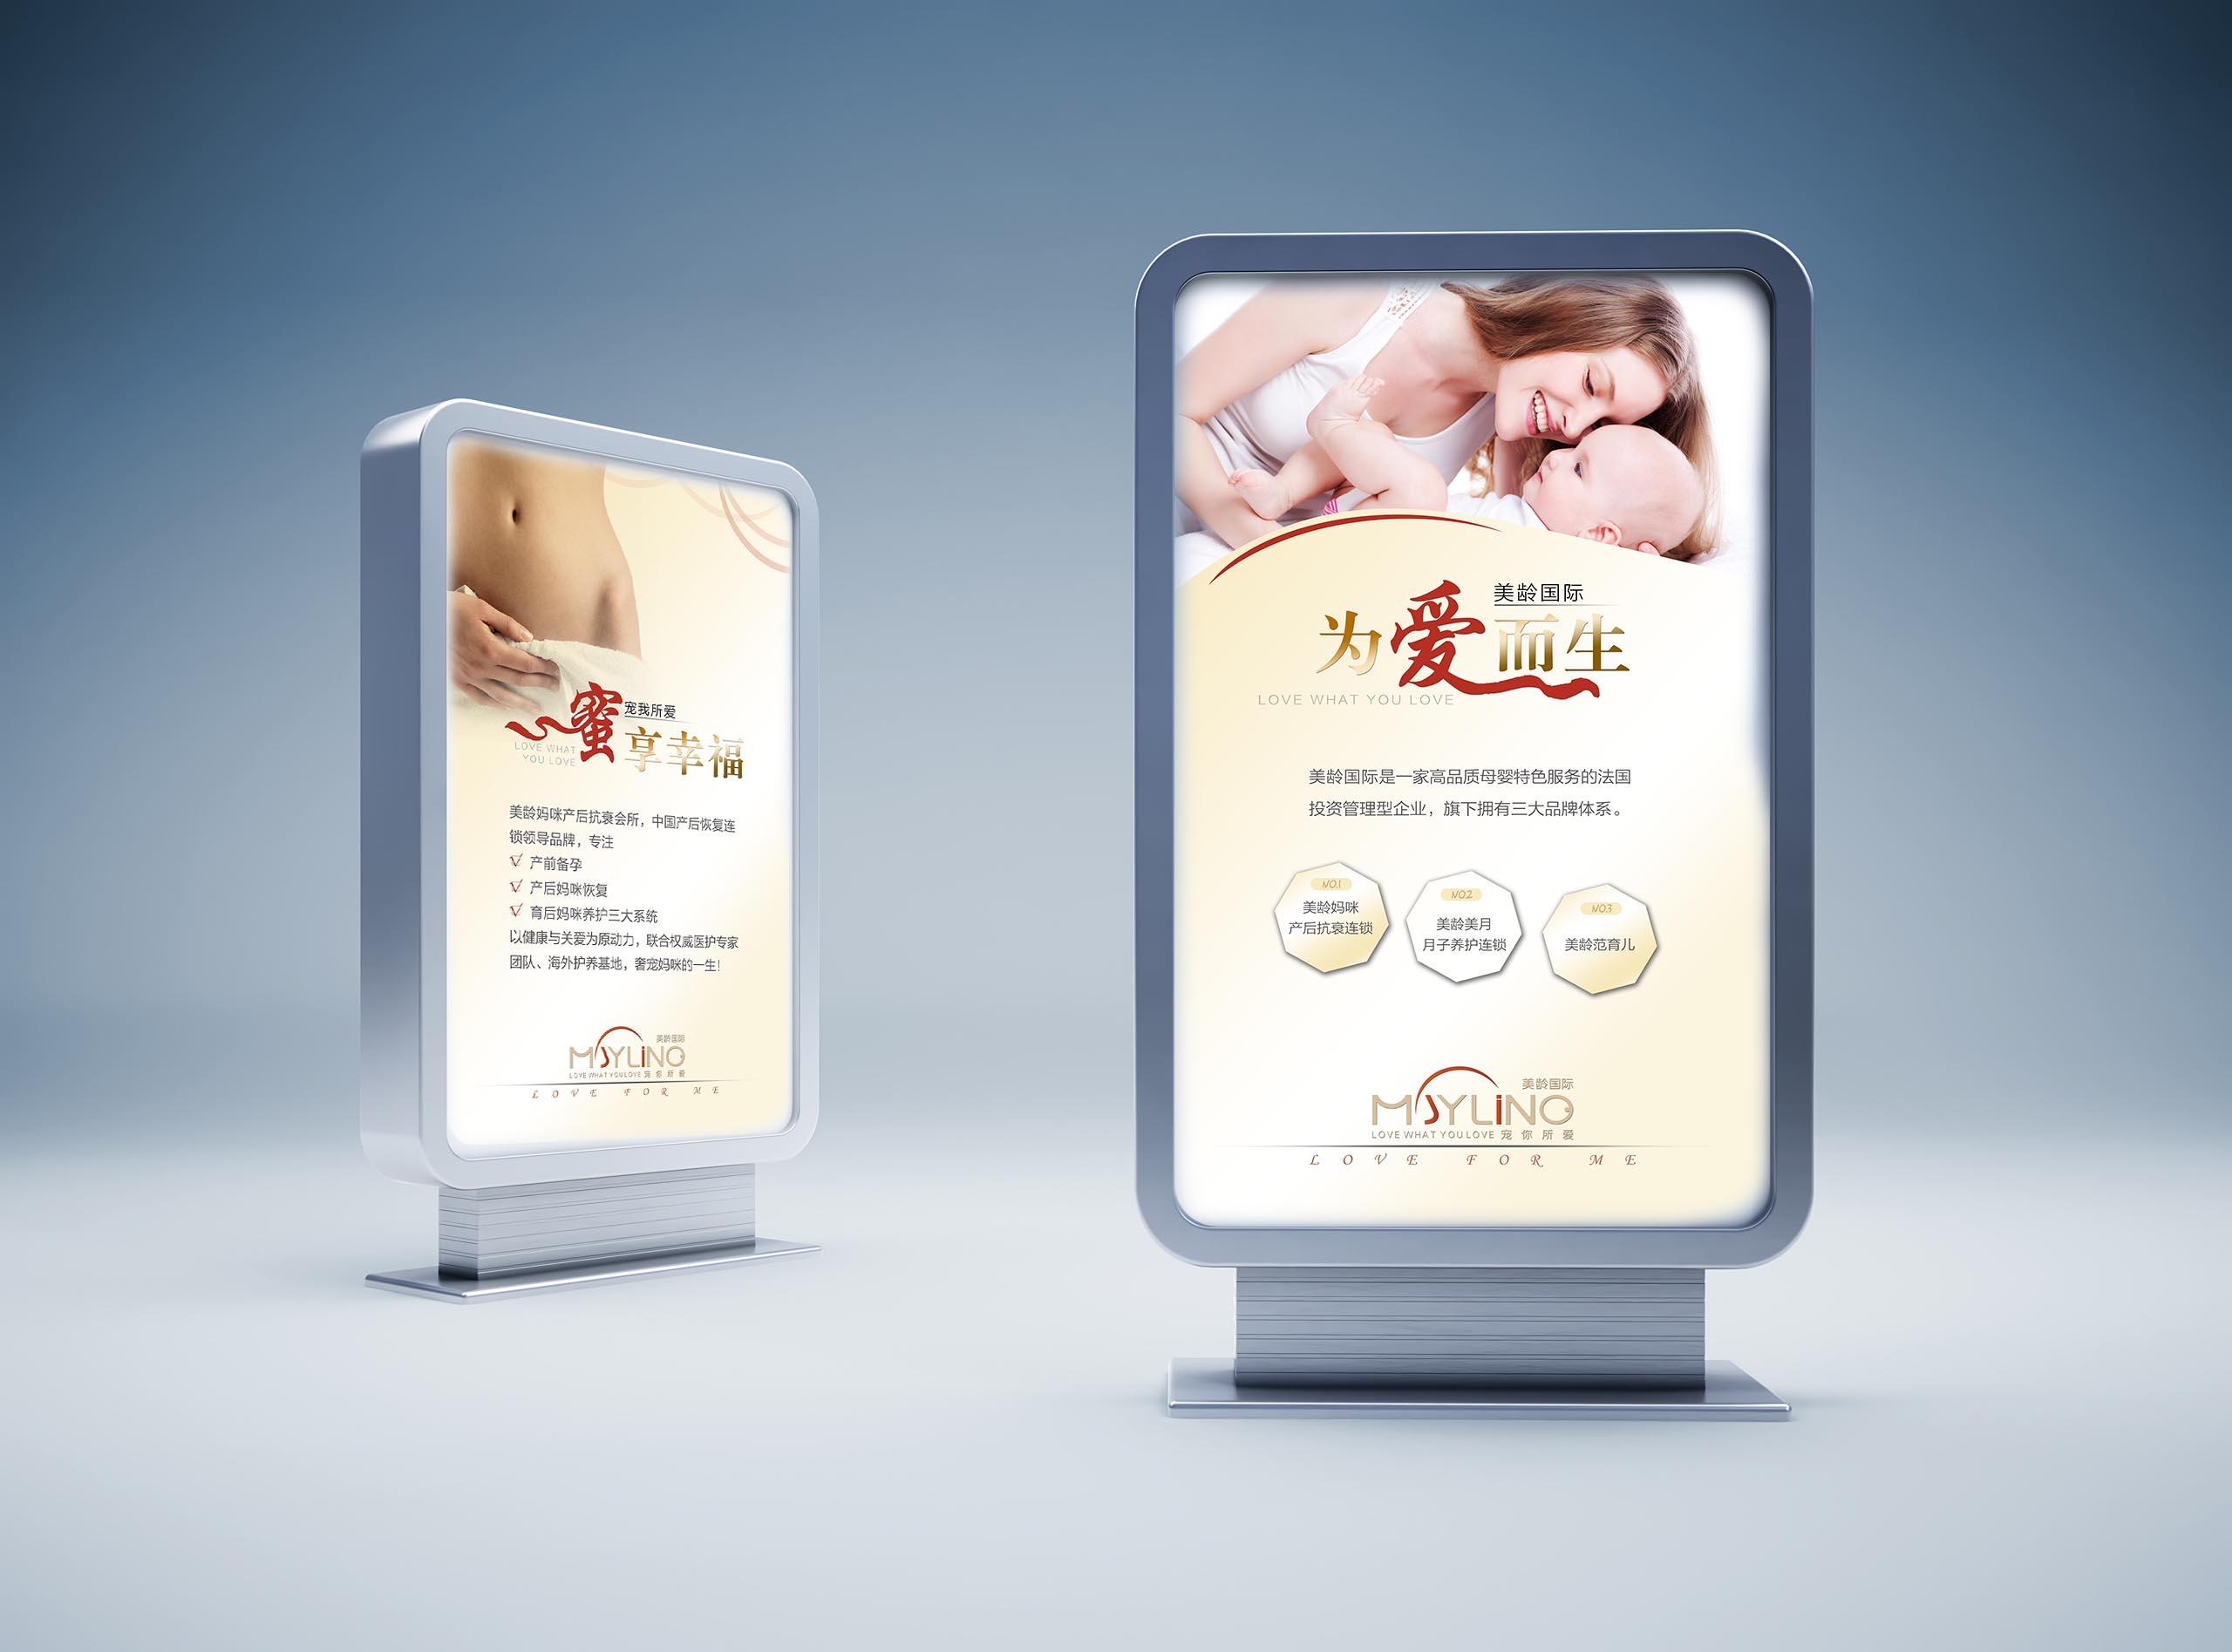 灯箱海报设计|平面|宣传品|and小妤 - 原创作品图片